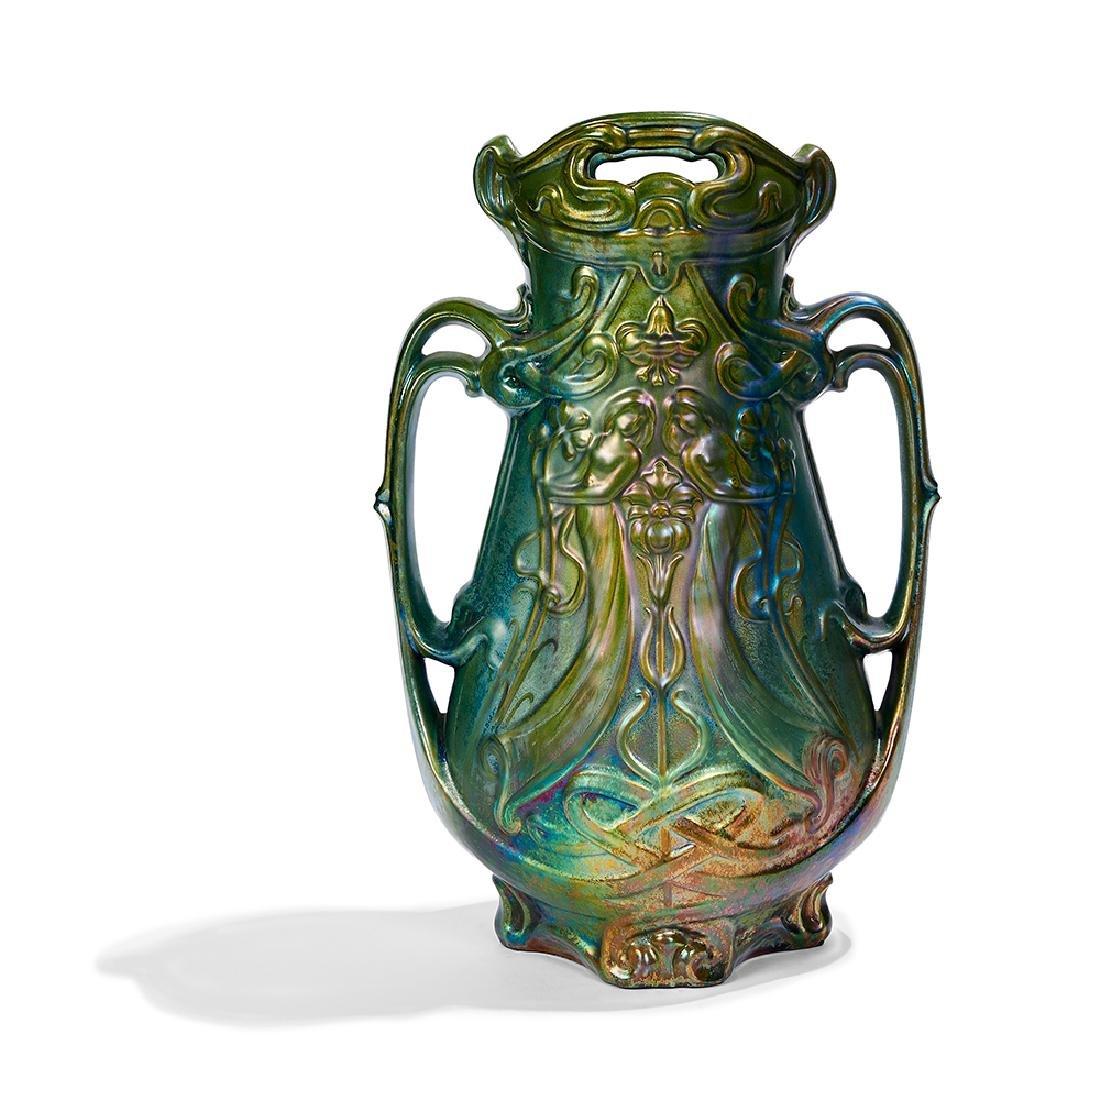 Sicard for Weller Pottery Art Nouveau vase